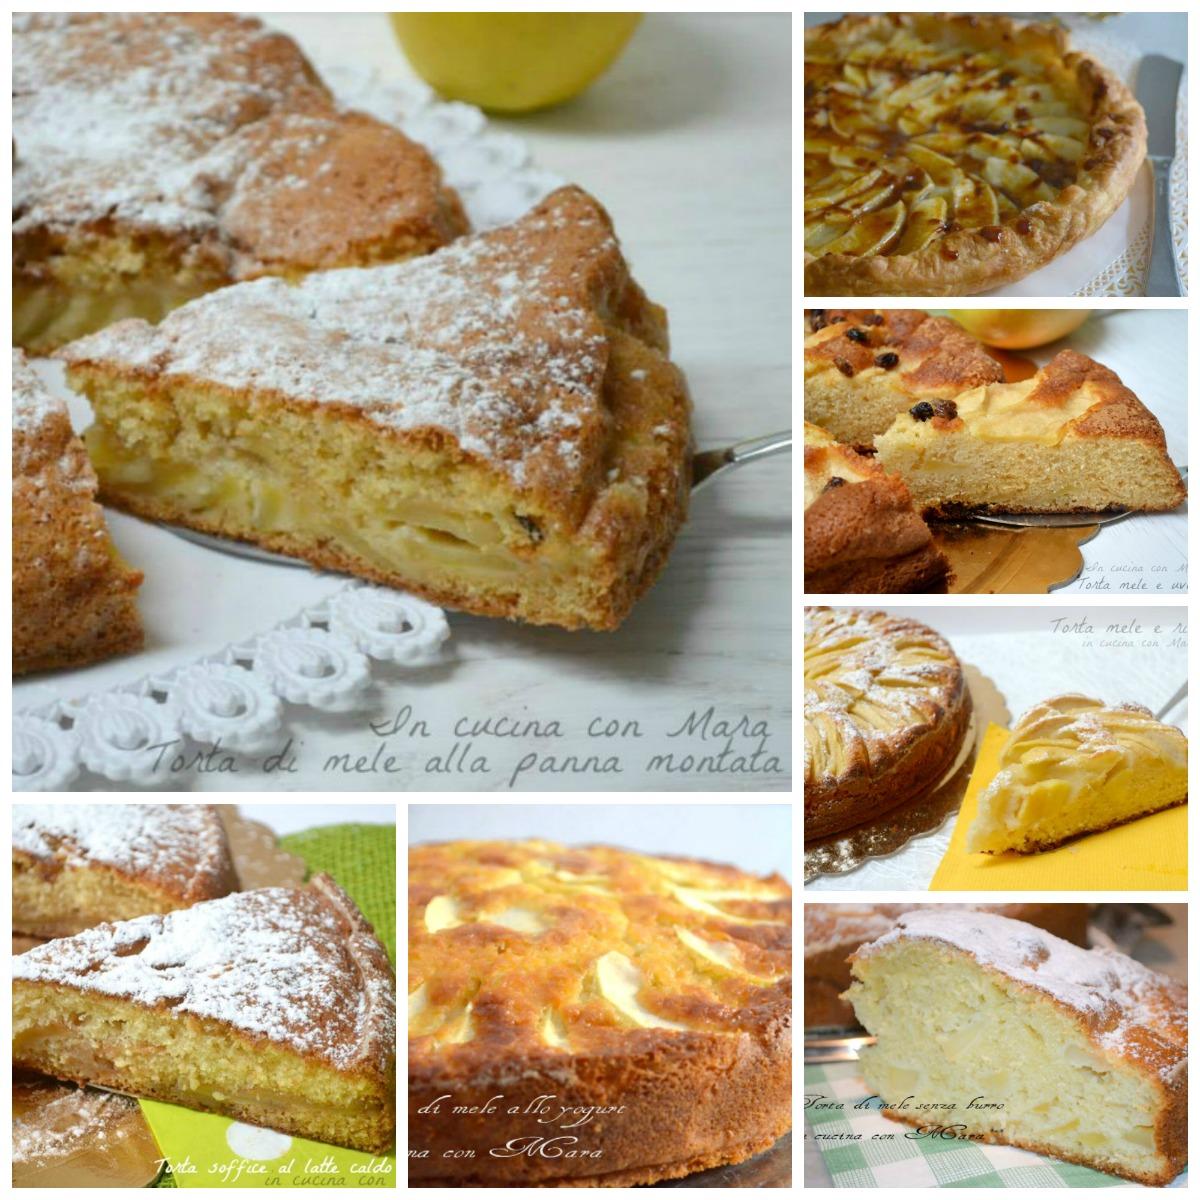 Torte di mele ricette semplici raccolta in cucina con mara for Ricette cucina semplici